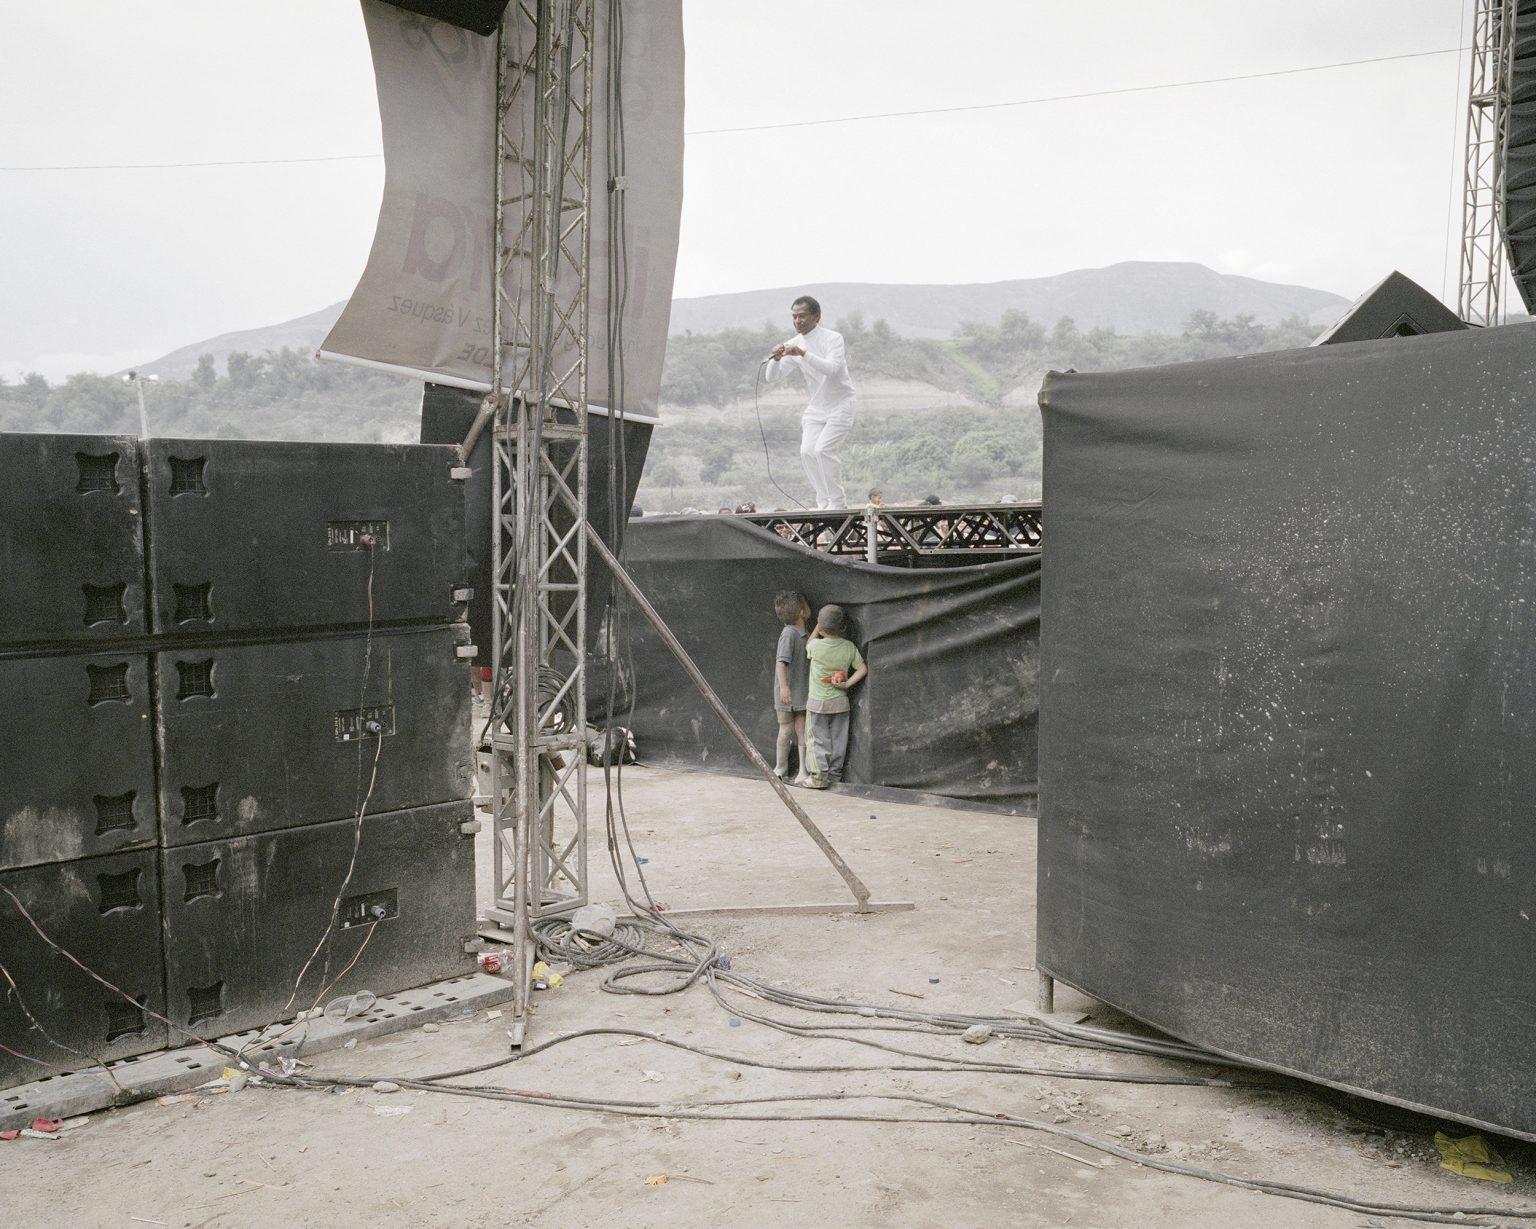 Un cantante afro durante la festa di carnevale nella valle di Salinas. Le comunità afro rappresentano il 7,2% della popolazione.  A singer afro during the carnival party in the Chota Valley. African communities representing 7.2% of the population. February 2013.